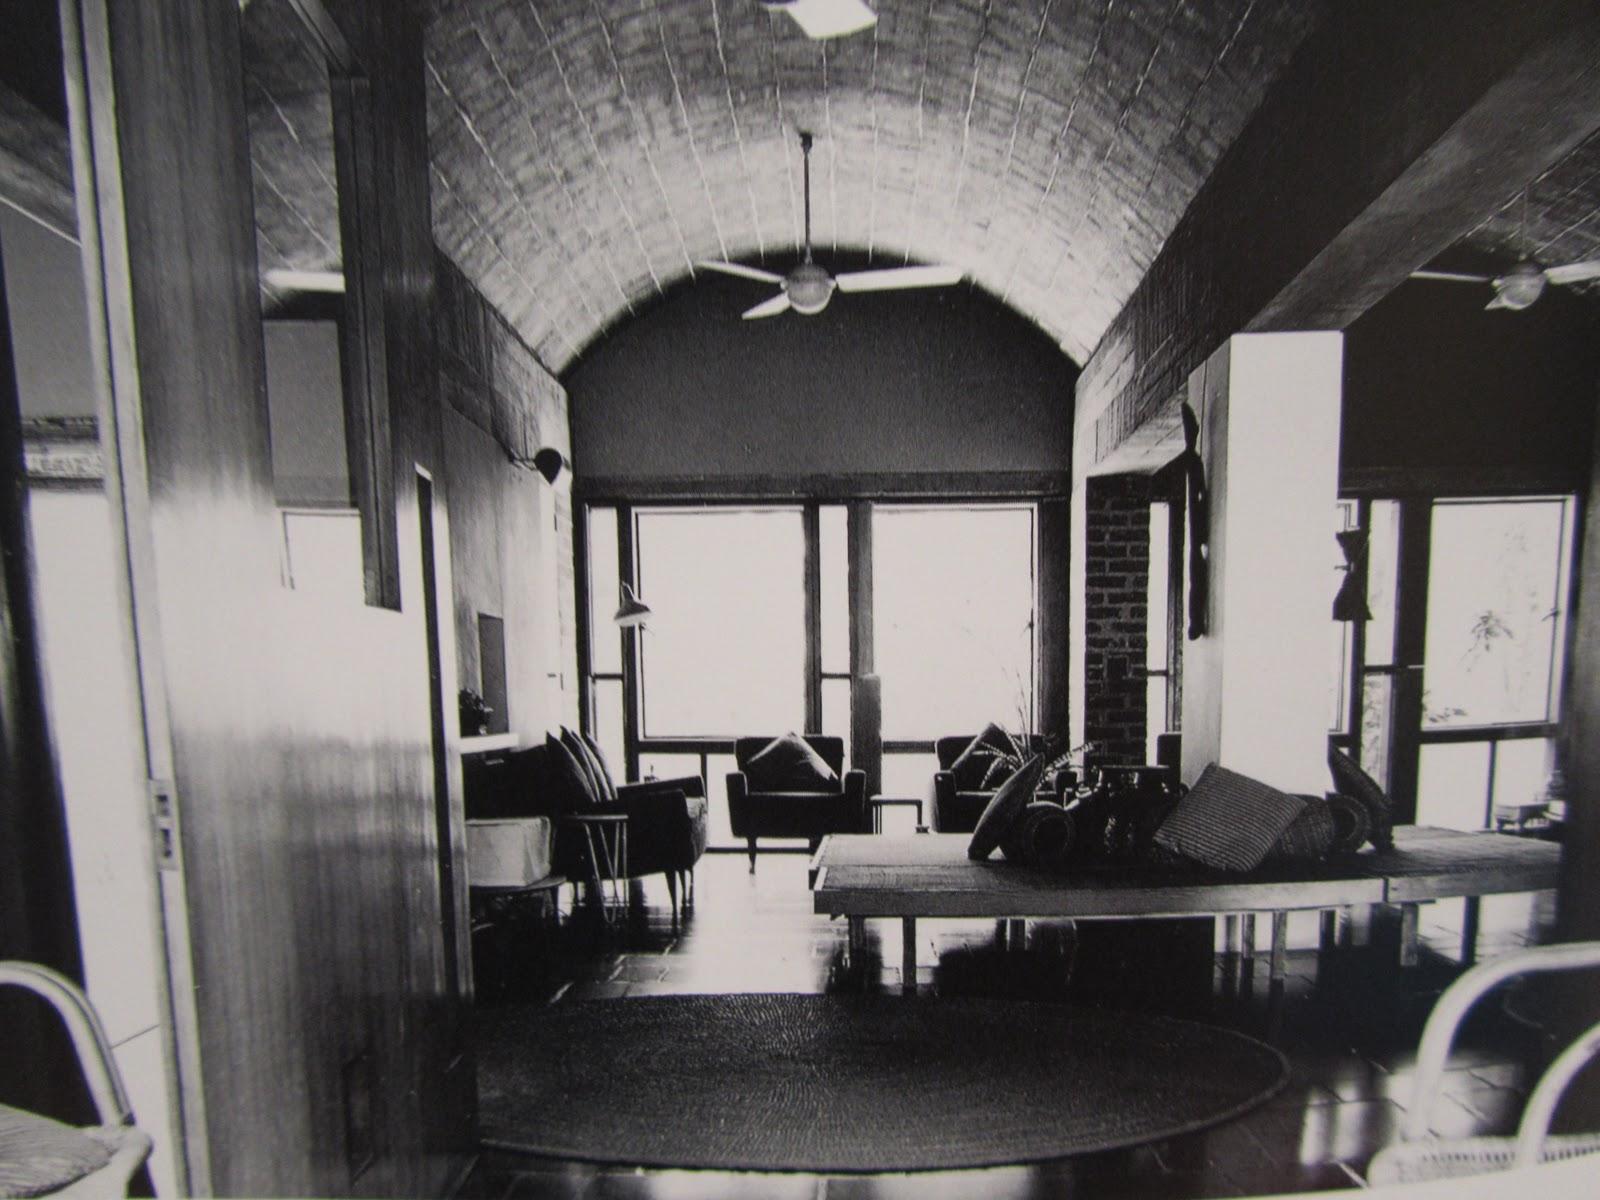 Villa de madame manorama sarabhai ahmedabad india 1951 - Casas de le corbusier ...